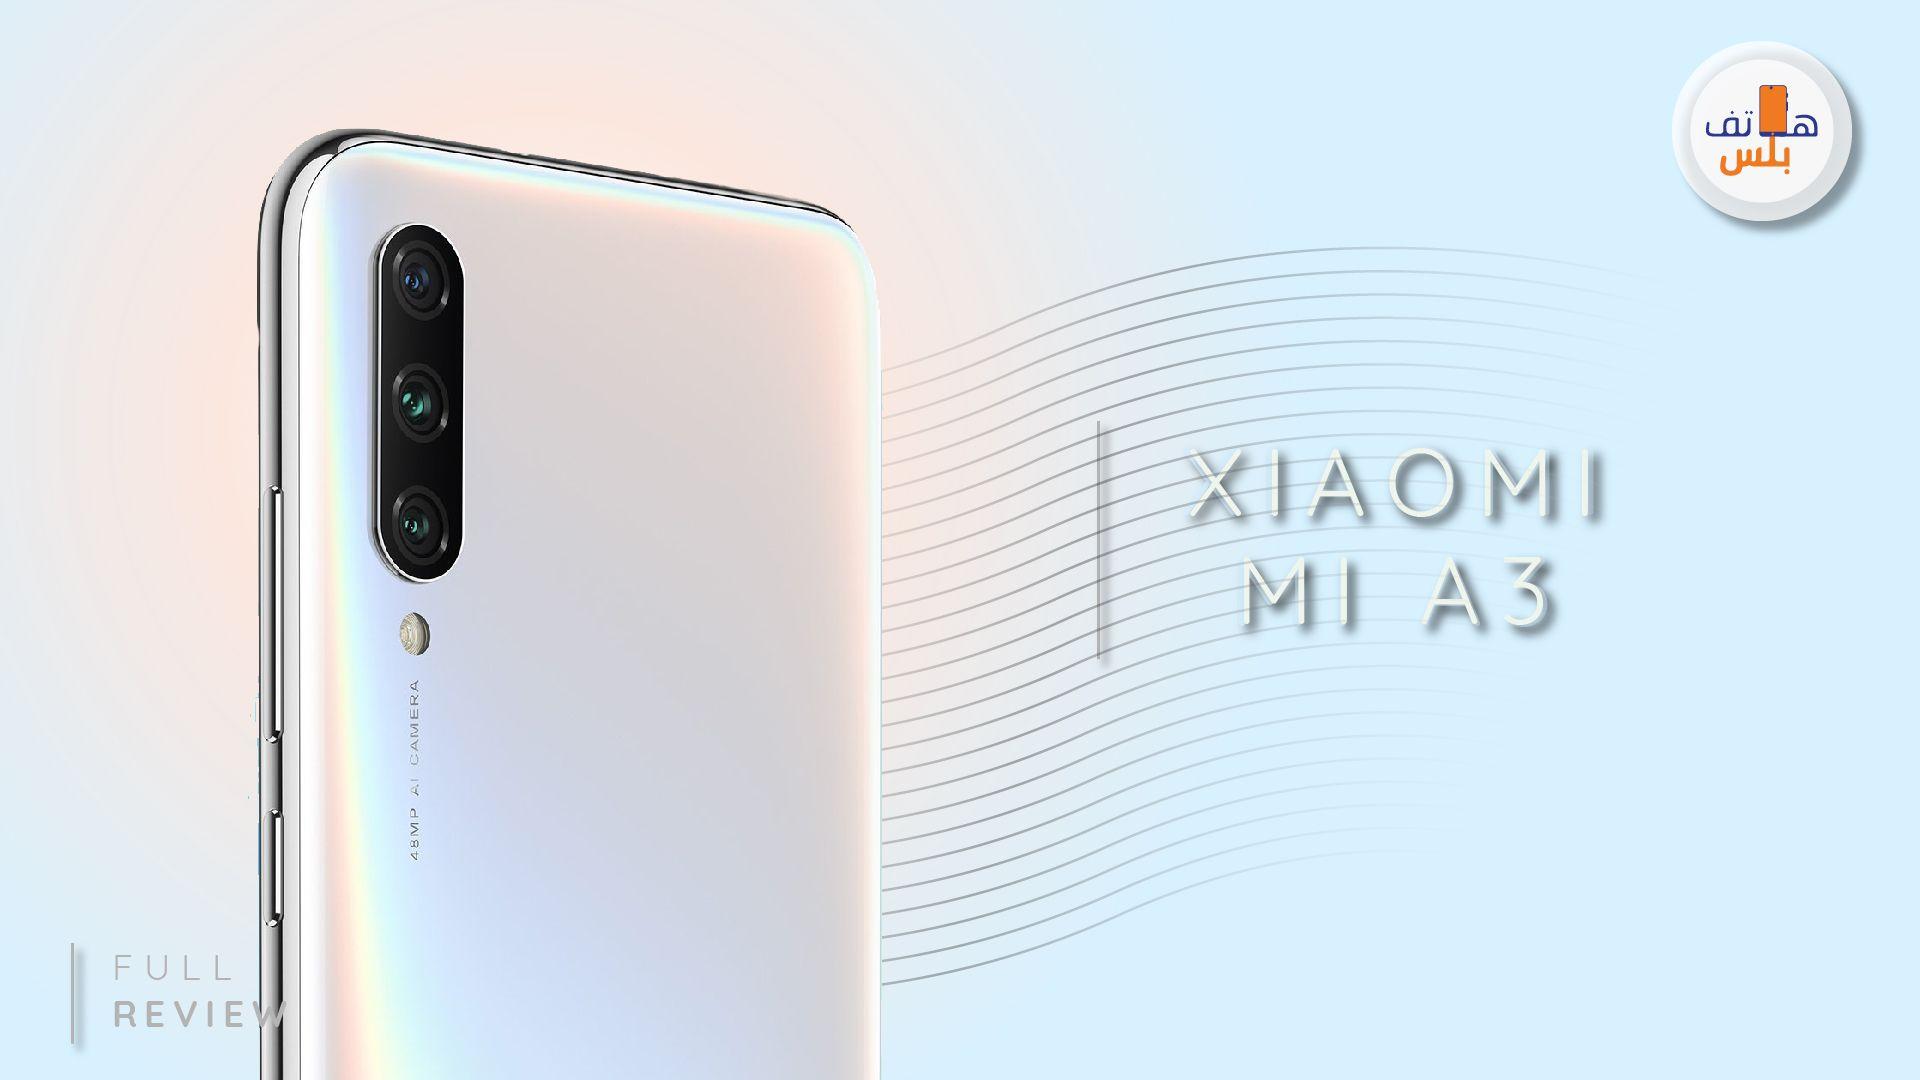 في يوليو من العام الجاري أعلنت شاومي عن هاتف جديد Xiaomi Mi A3